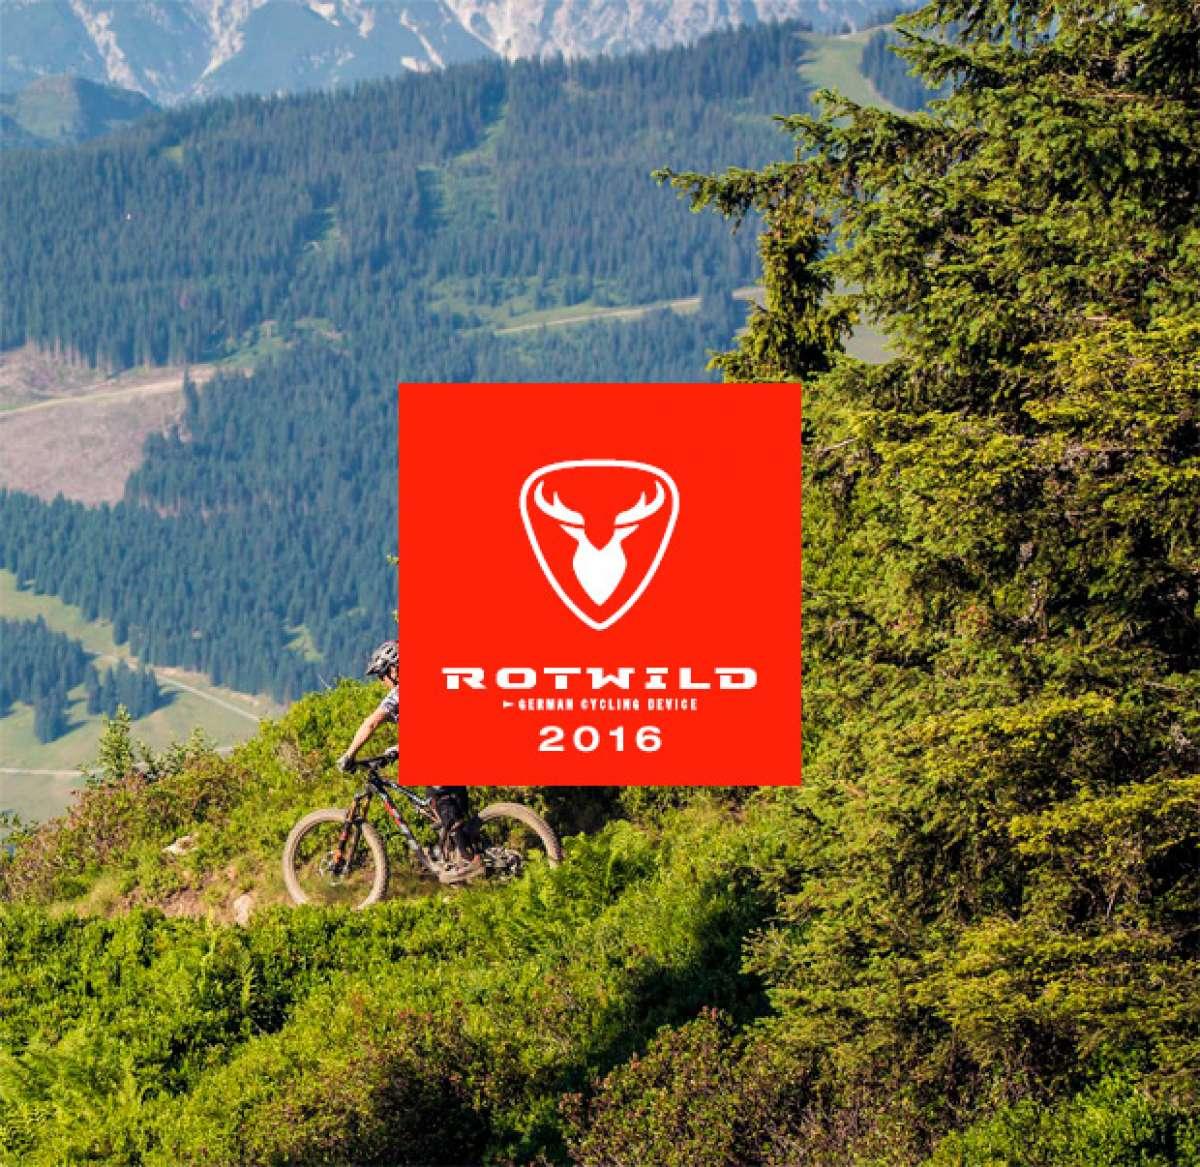 Catálogo de Rotwild 2016. Toda la gama de bicicletas Rotwild para la temporada 2016